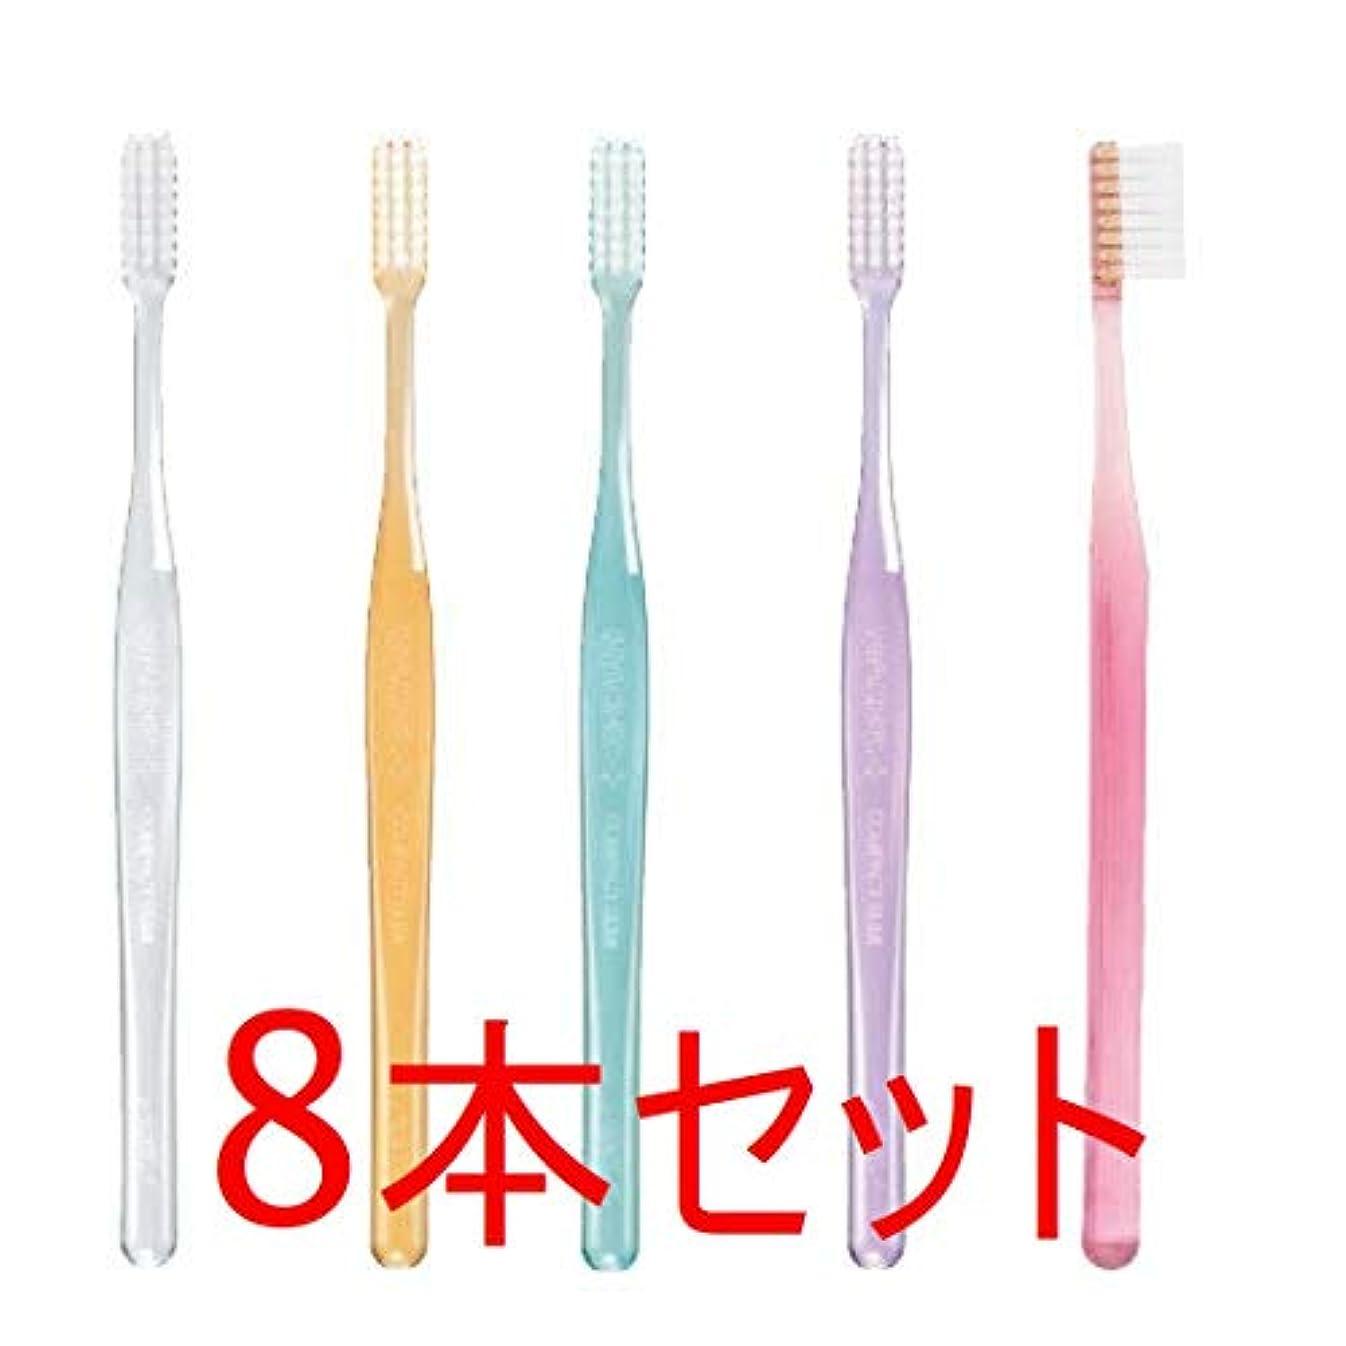 GC プロスペック 歯ブラシ プラス コンパクトスリム 8本 クリアー色 (M(ふつう), おまかせ)